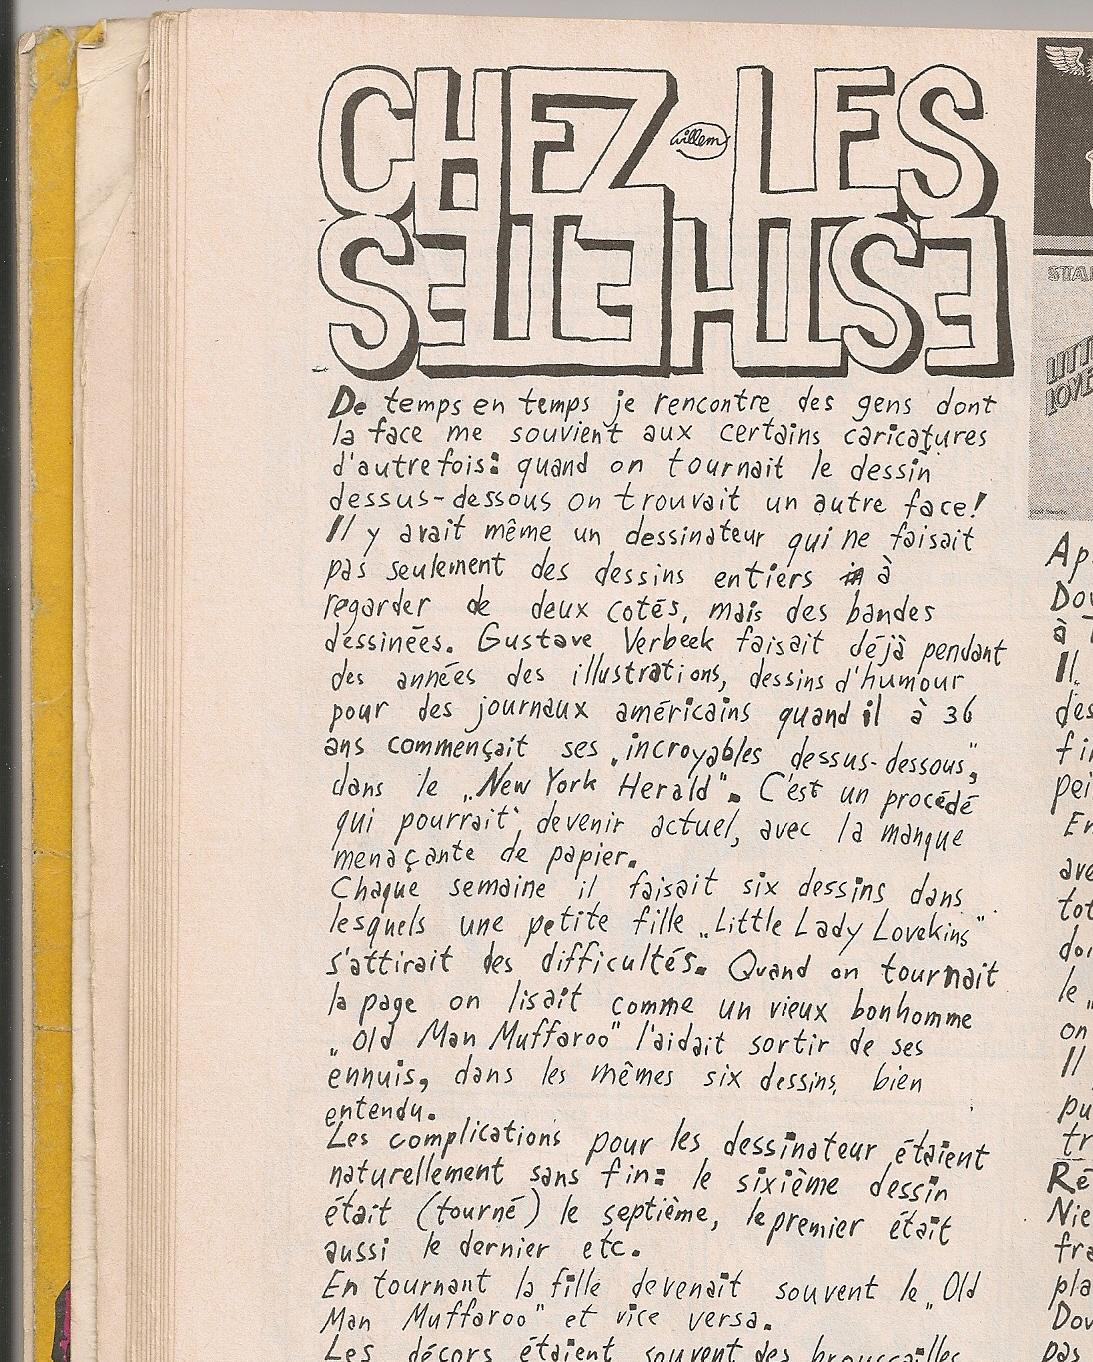 Rubrique de Willem (extrait) - Charlie n°59 - Décembre 1973